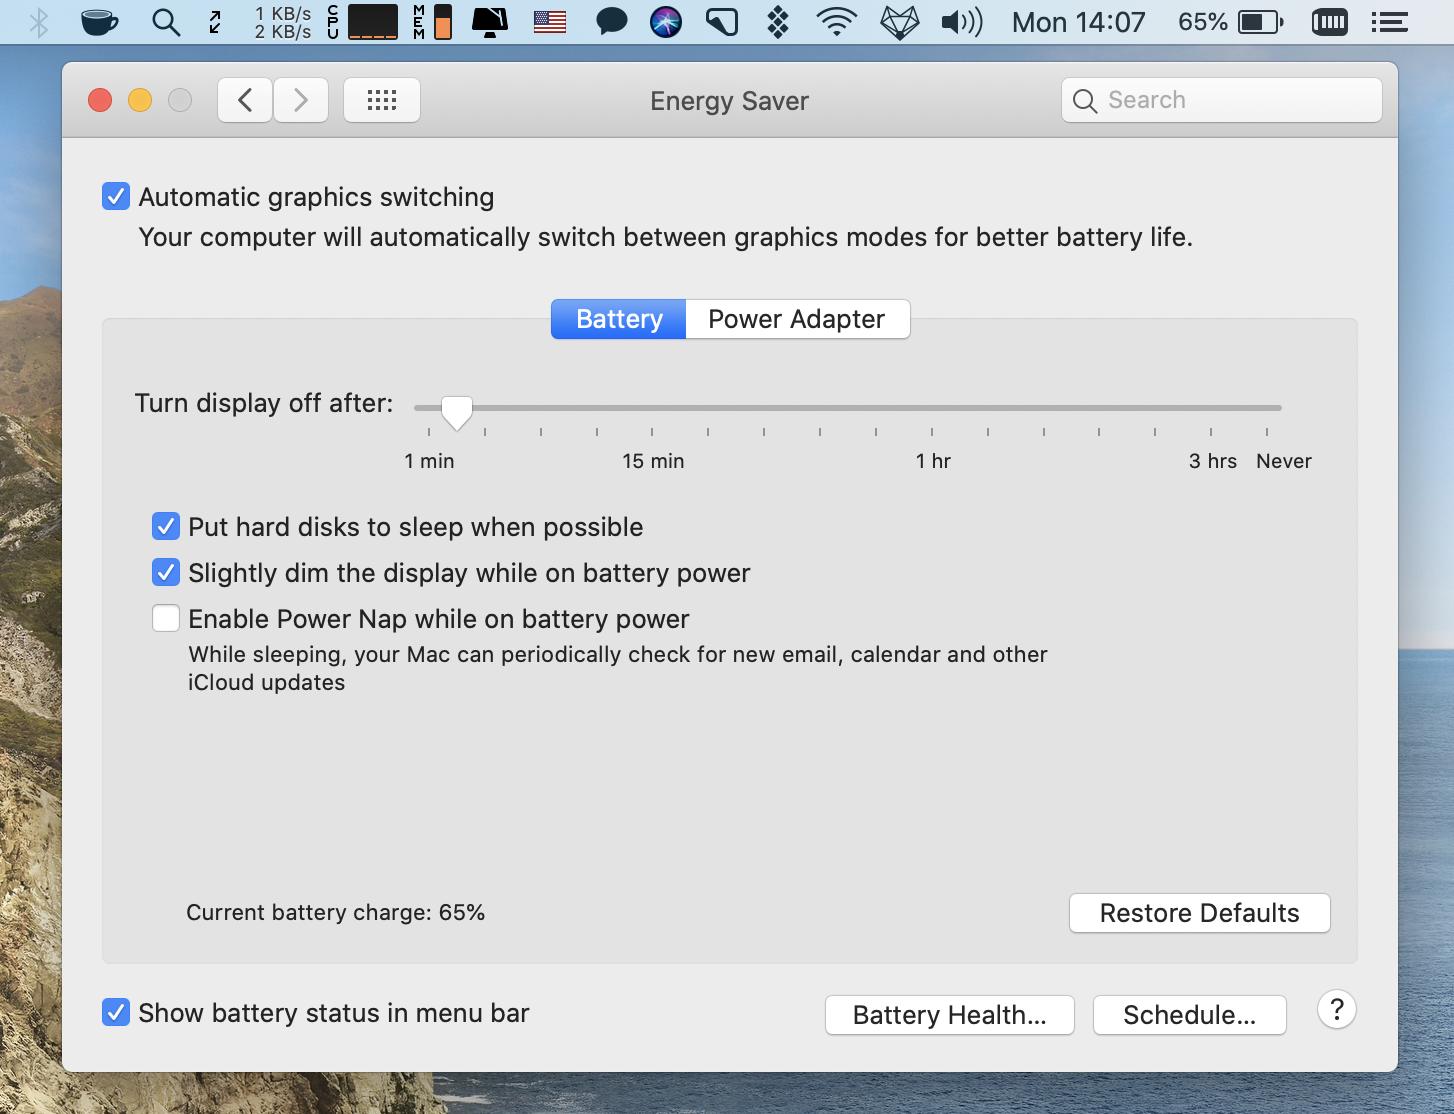 macOS Energy Saver